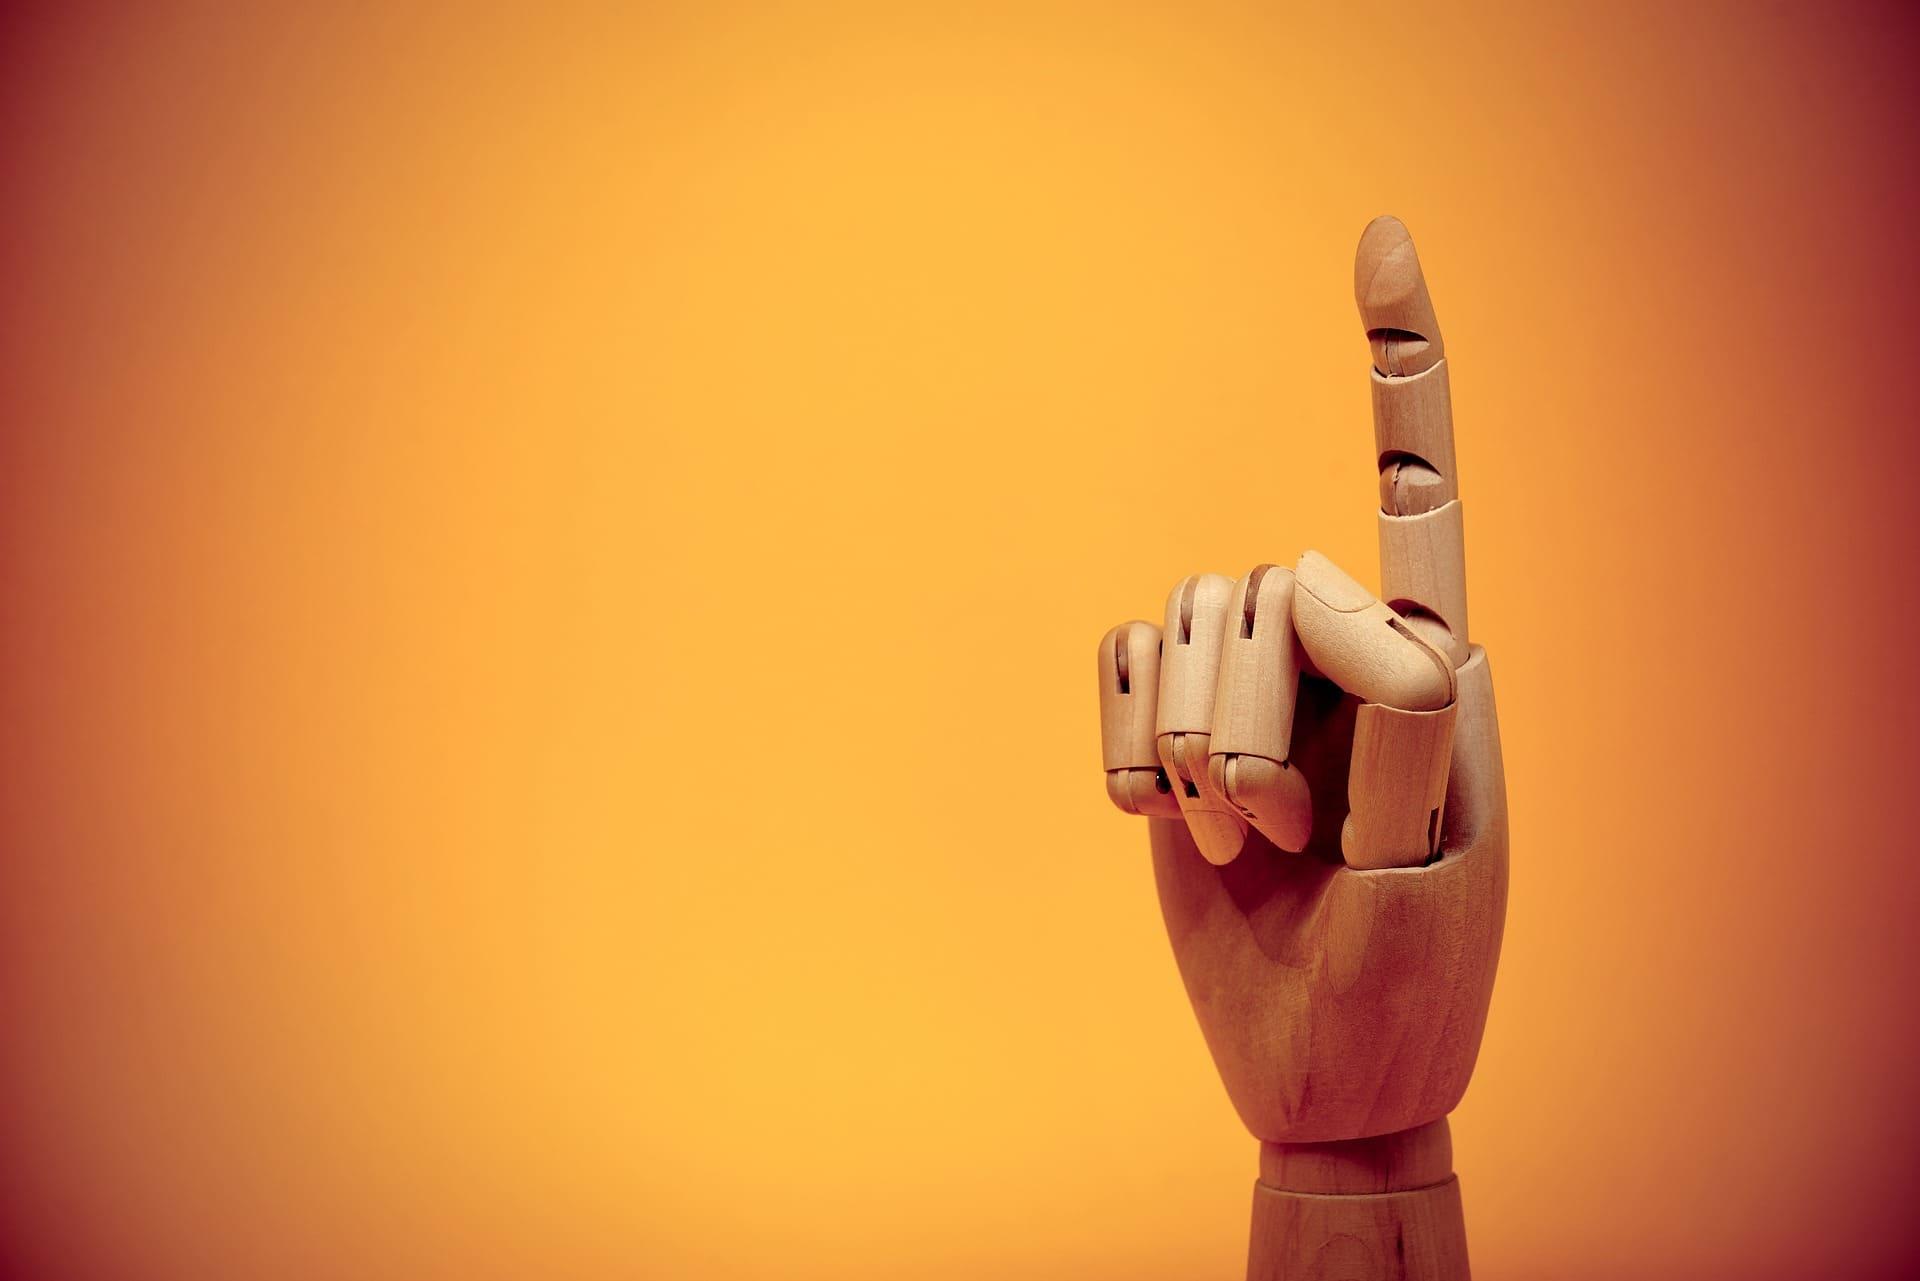 finger-3026348_1920